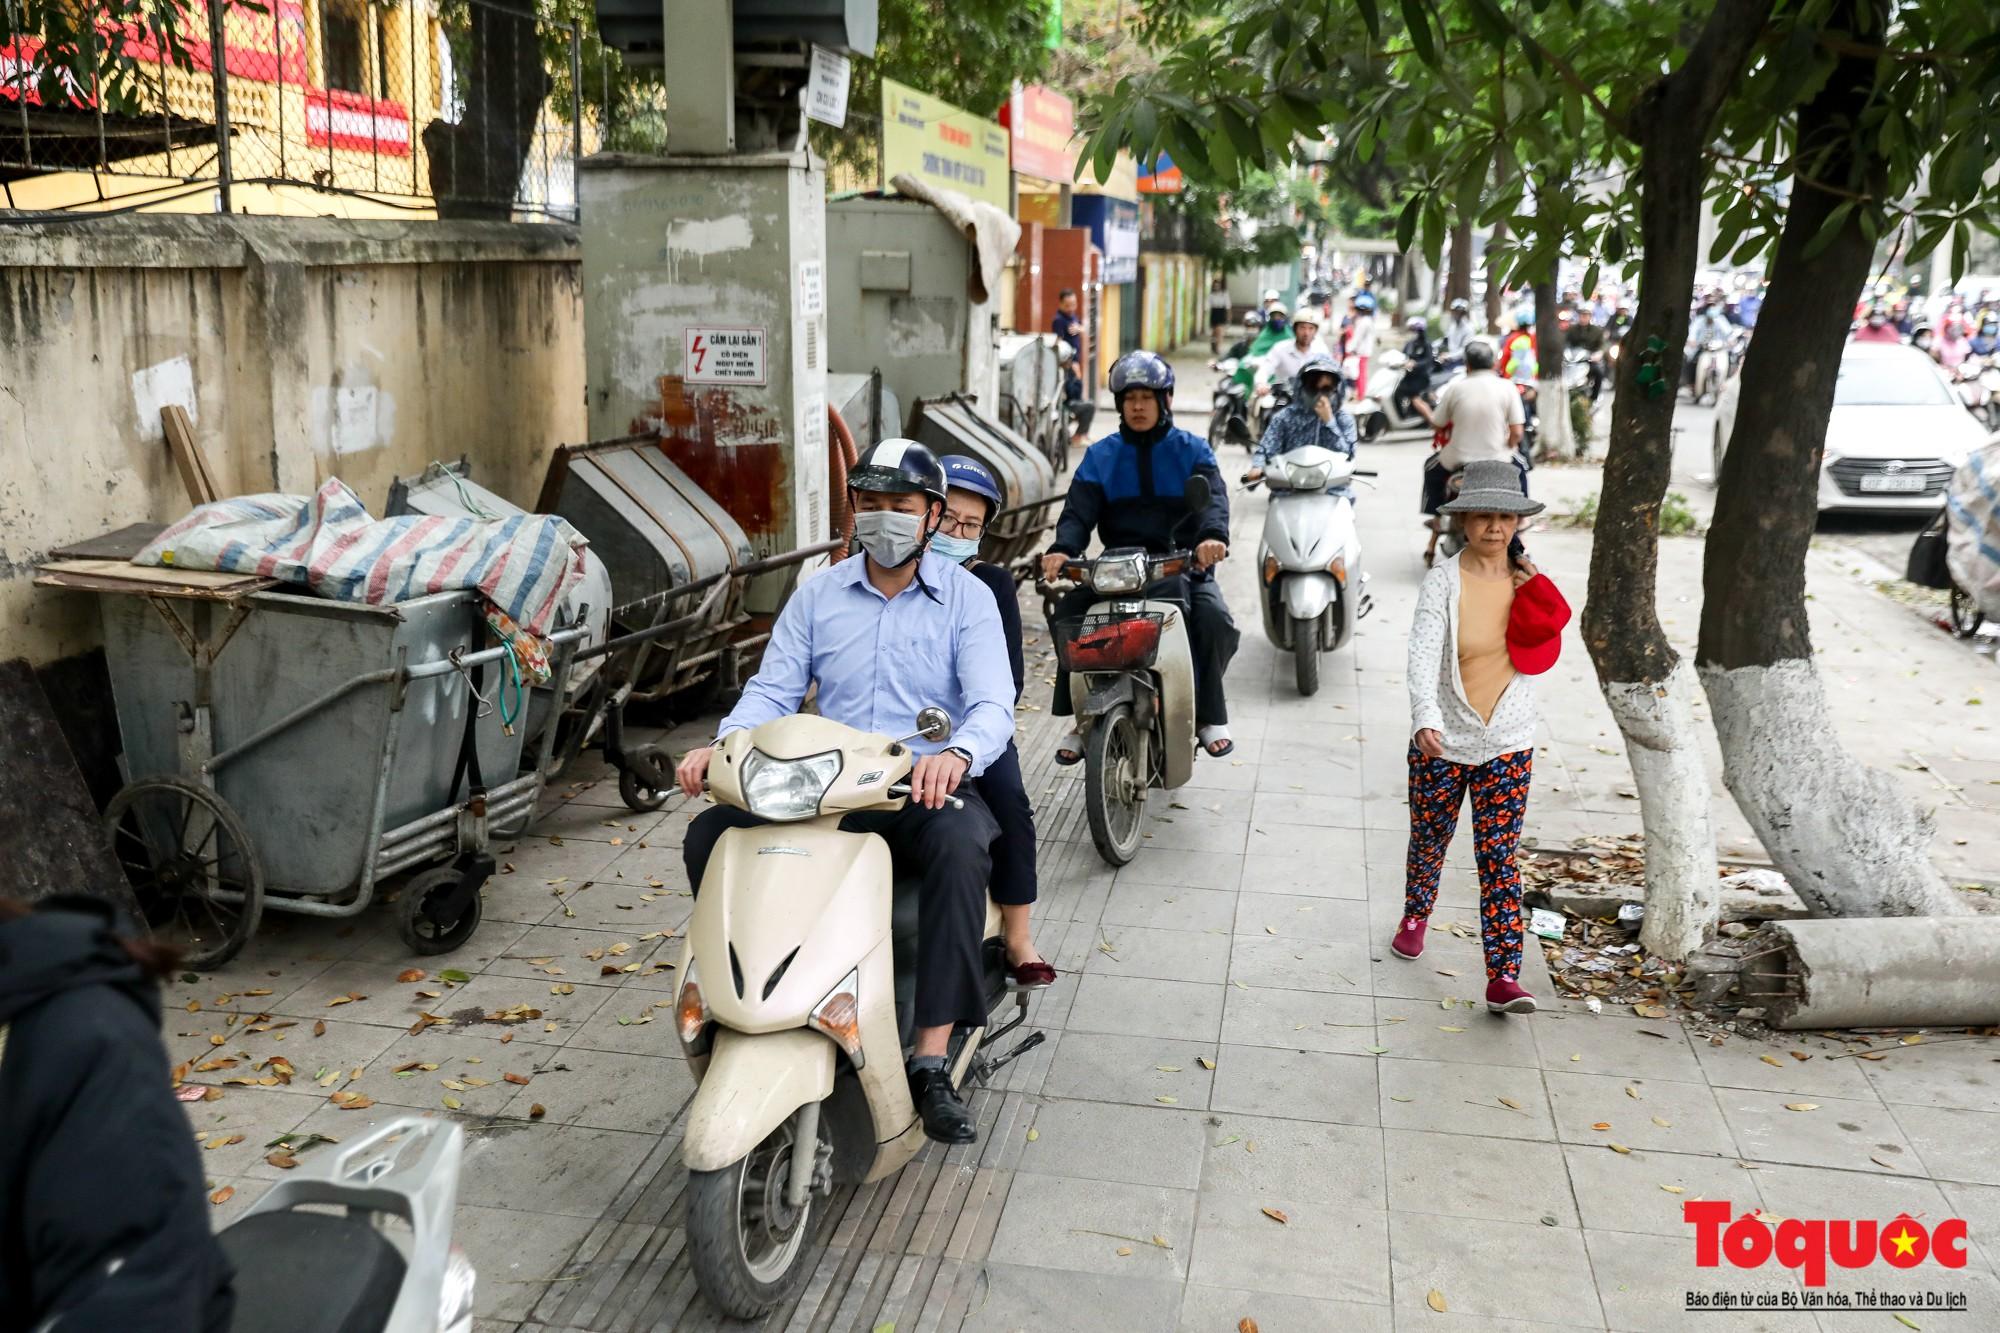 Nhìn những hình ảnh này mới thấy đề xuất cấm xe máy 6 tuyến phố Hà Nội là vô cảm với người dân nghèo - Ảnh 5.